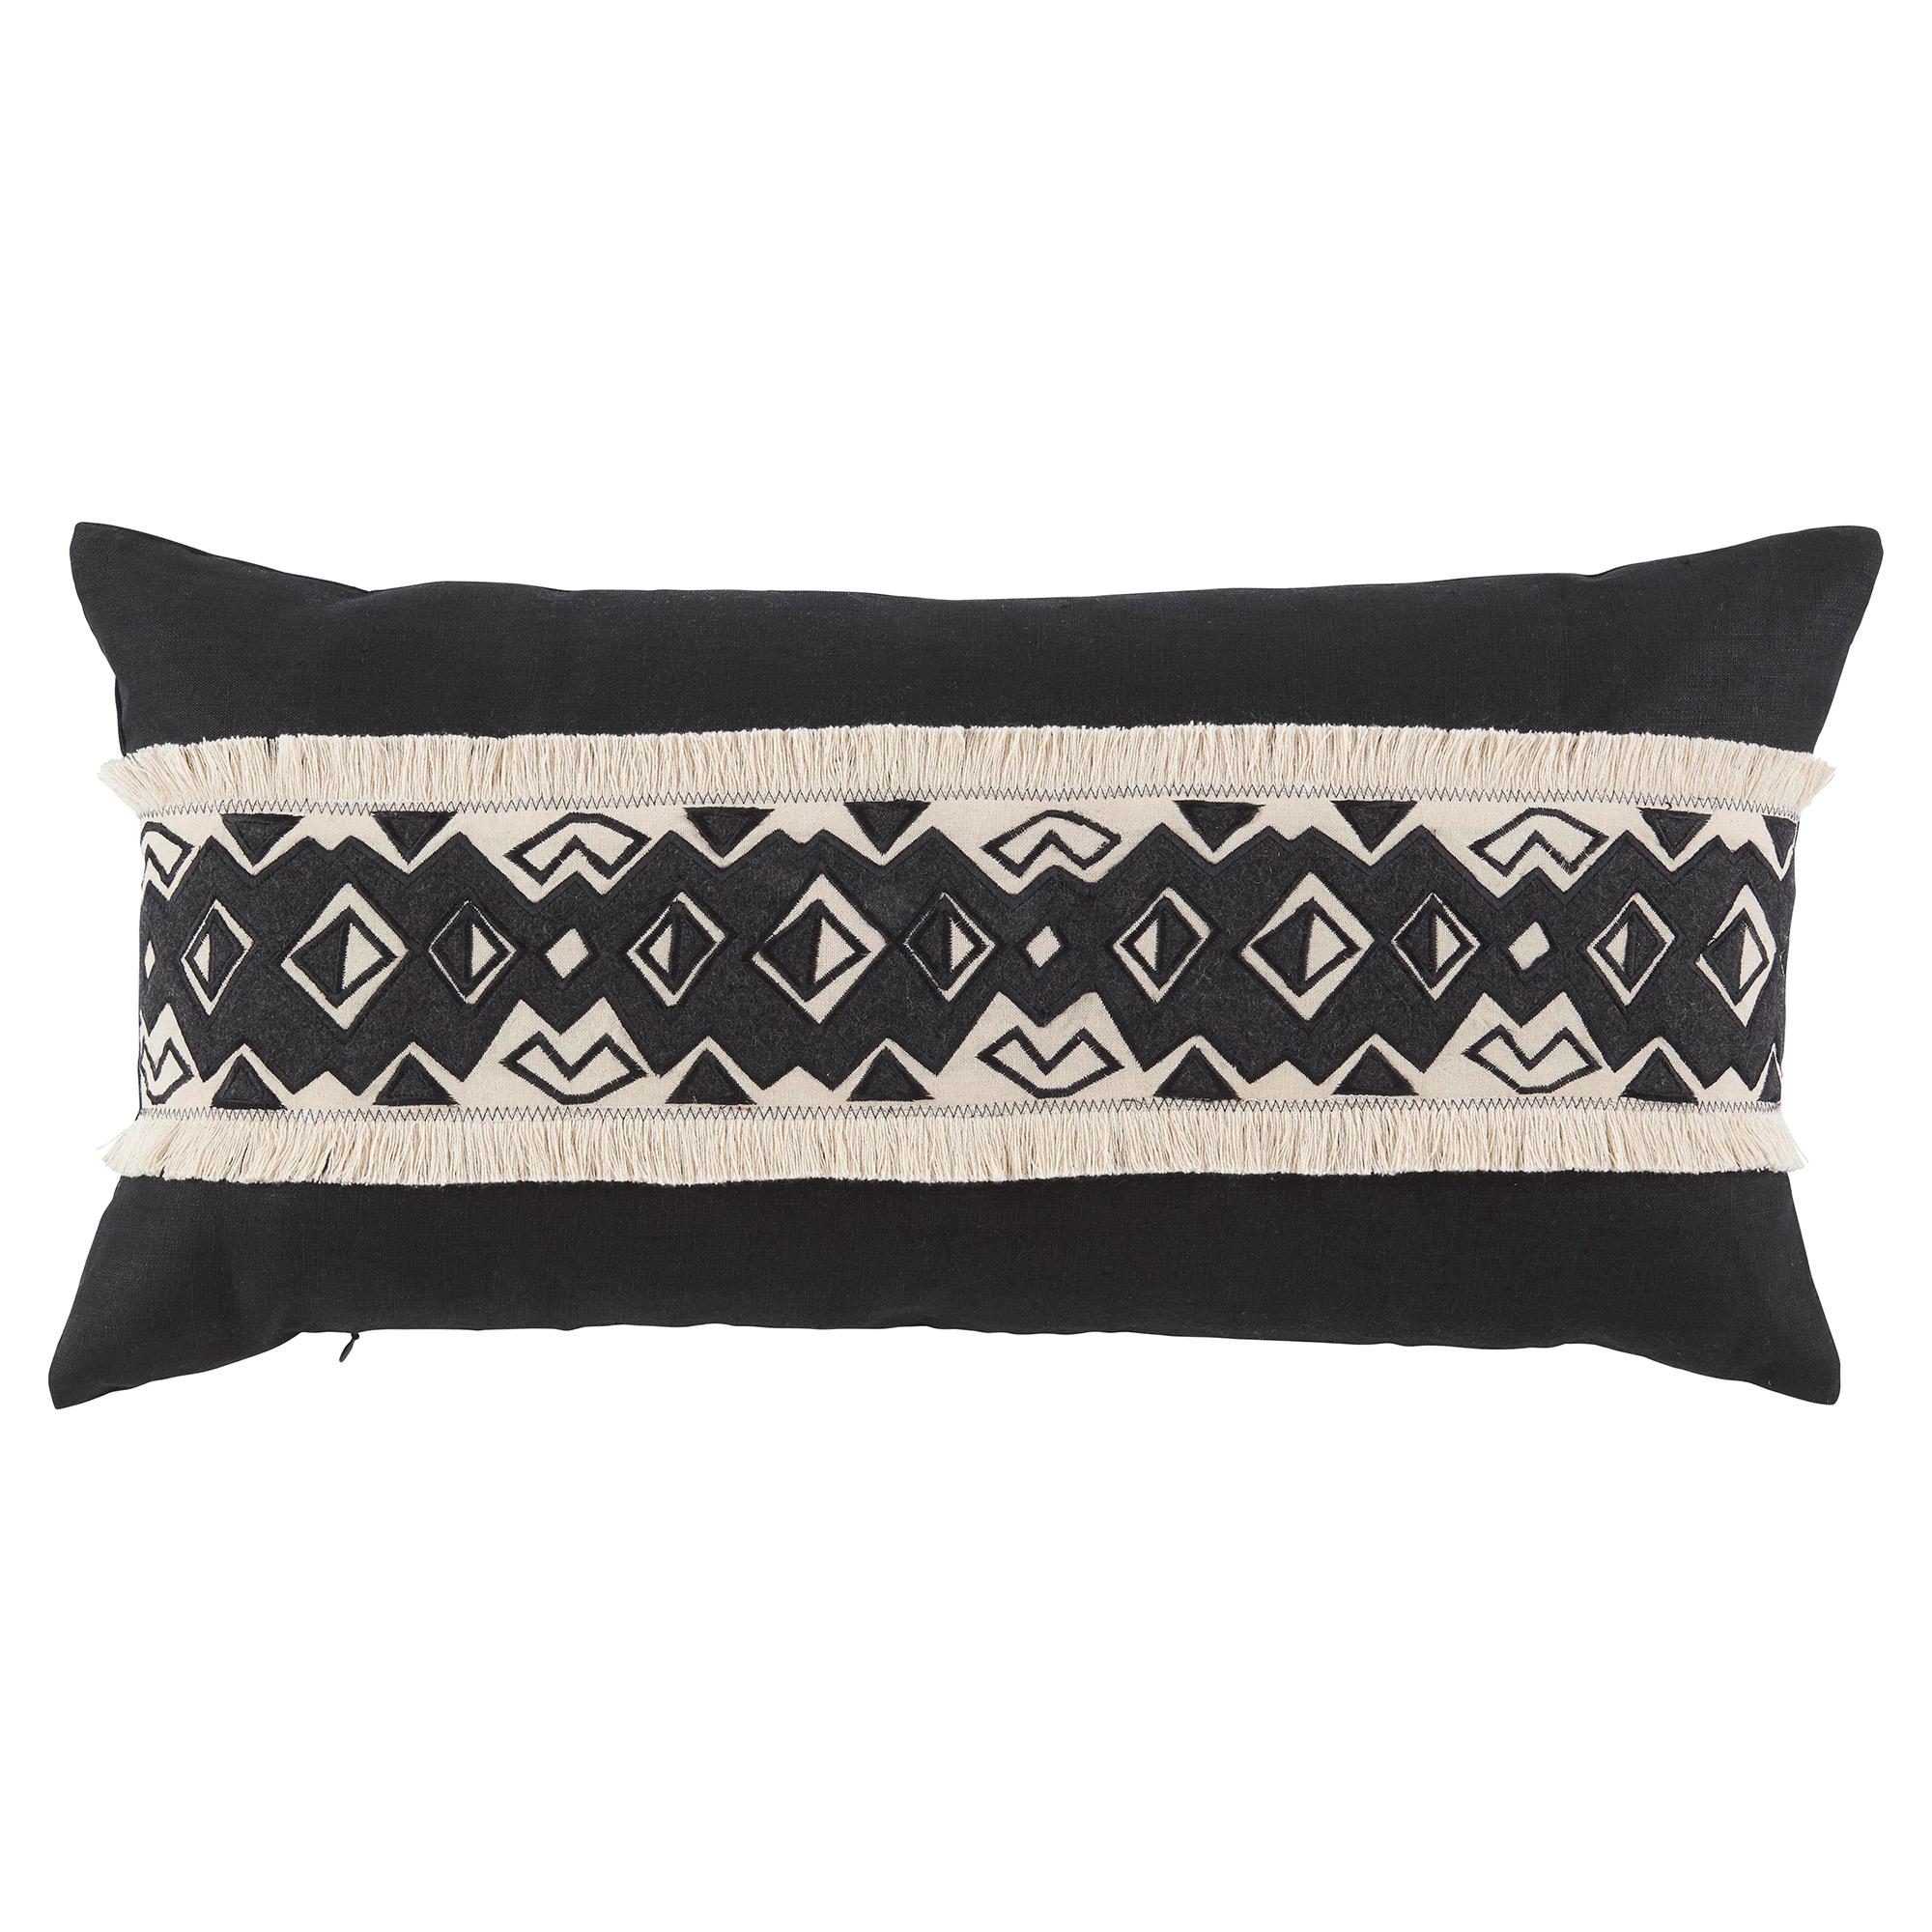 Kuba Tribal Band Fringe Black Linen Pillow - 15x30